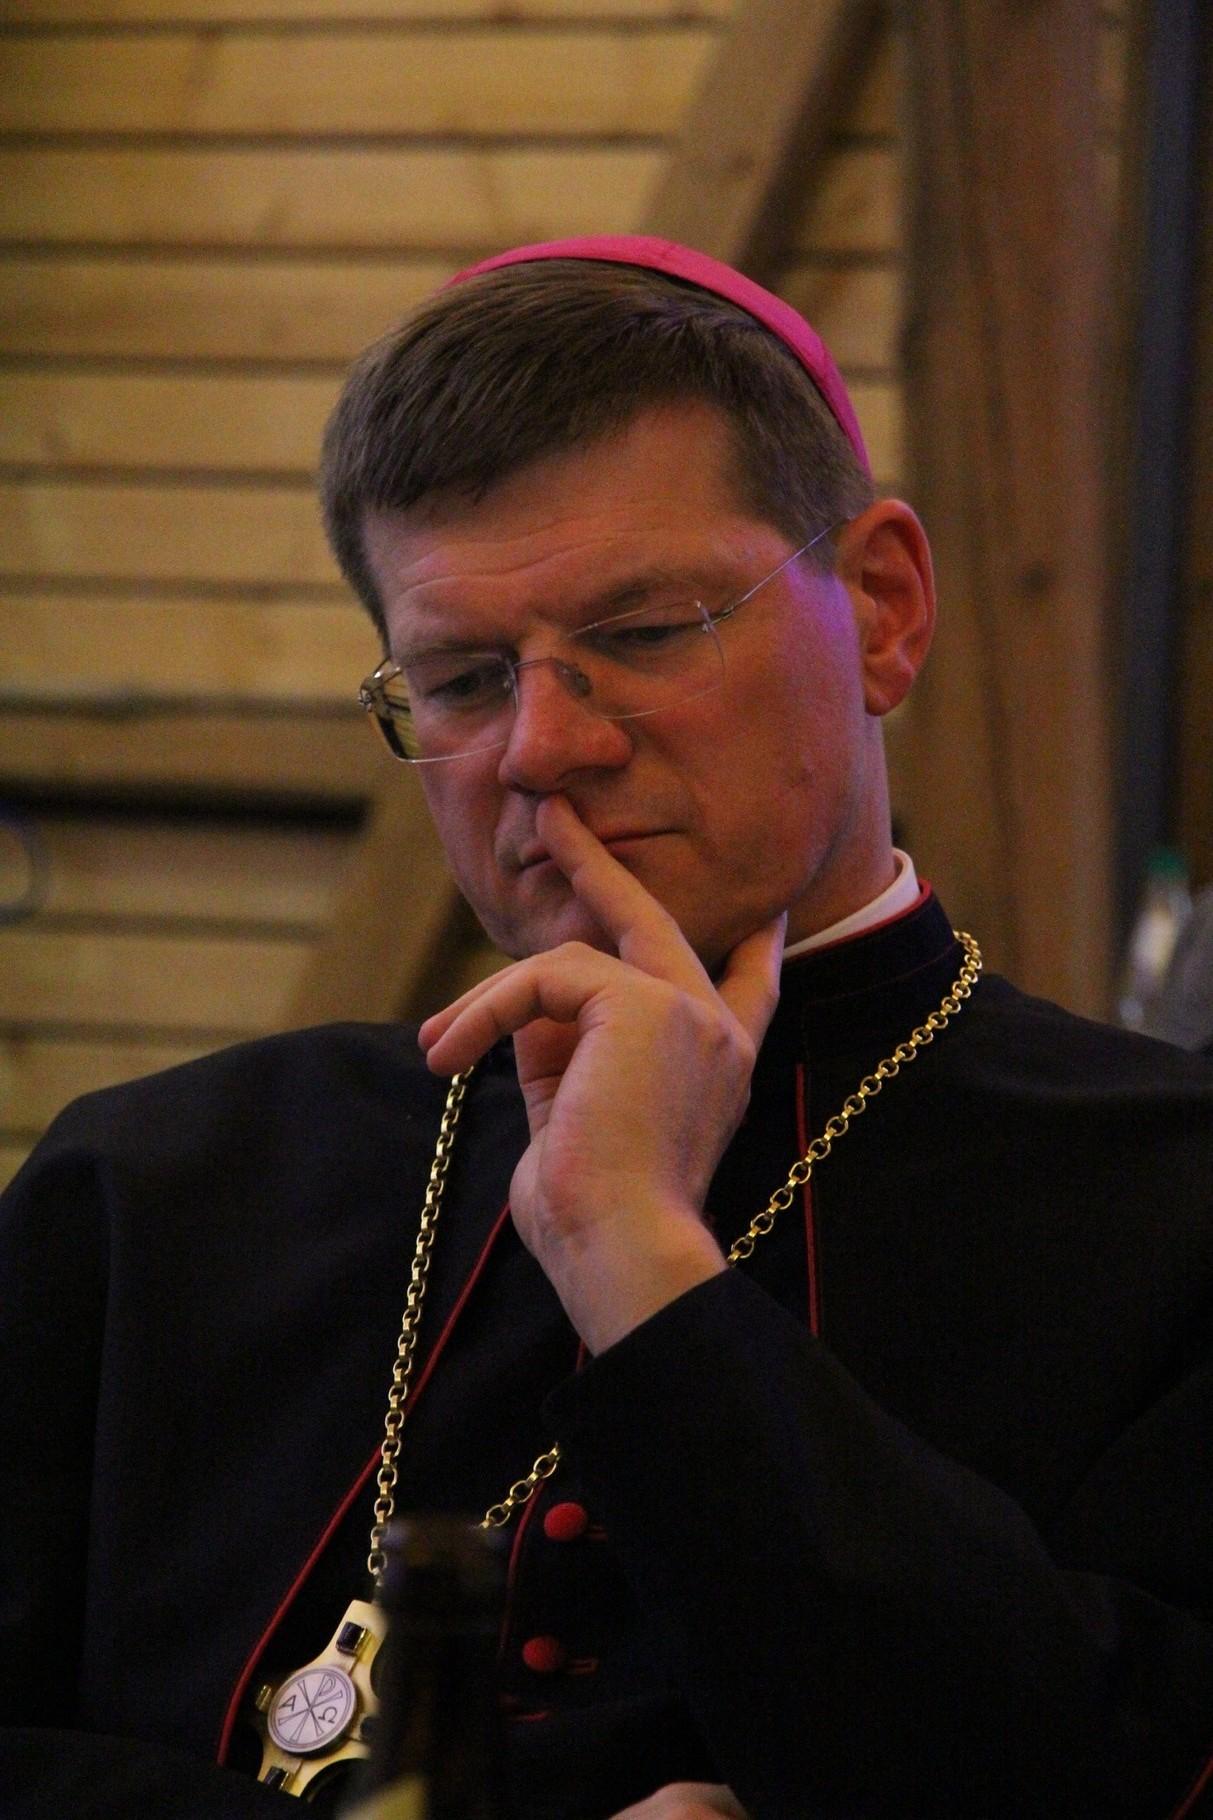 Erzbischof Stephan Burger lauscht dem Gesagten gespannt